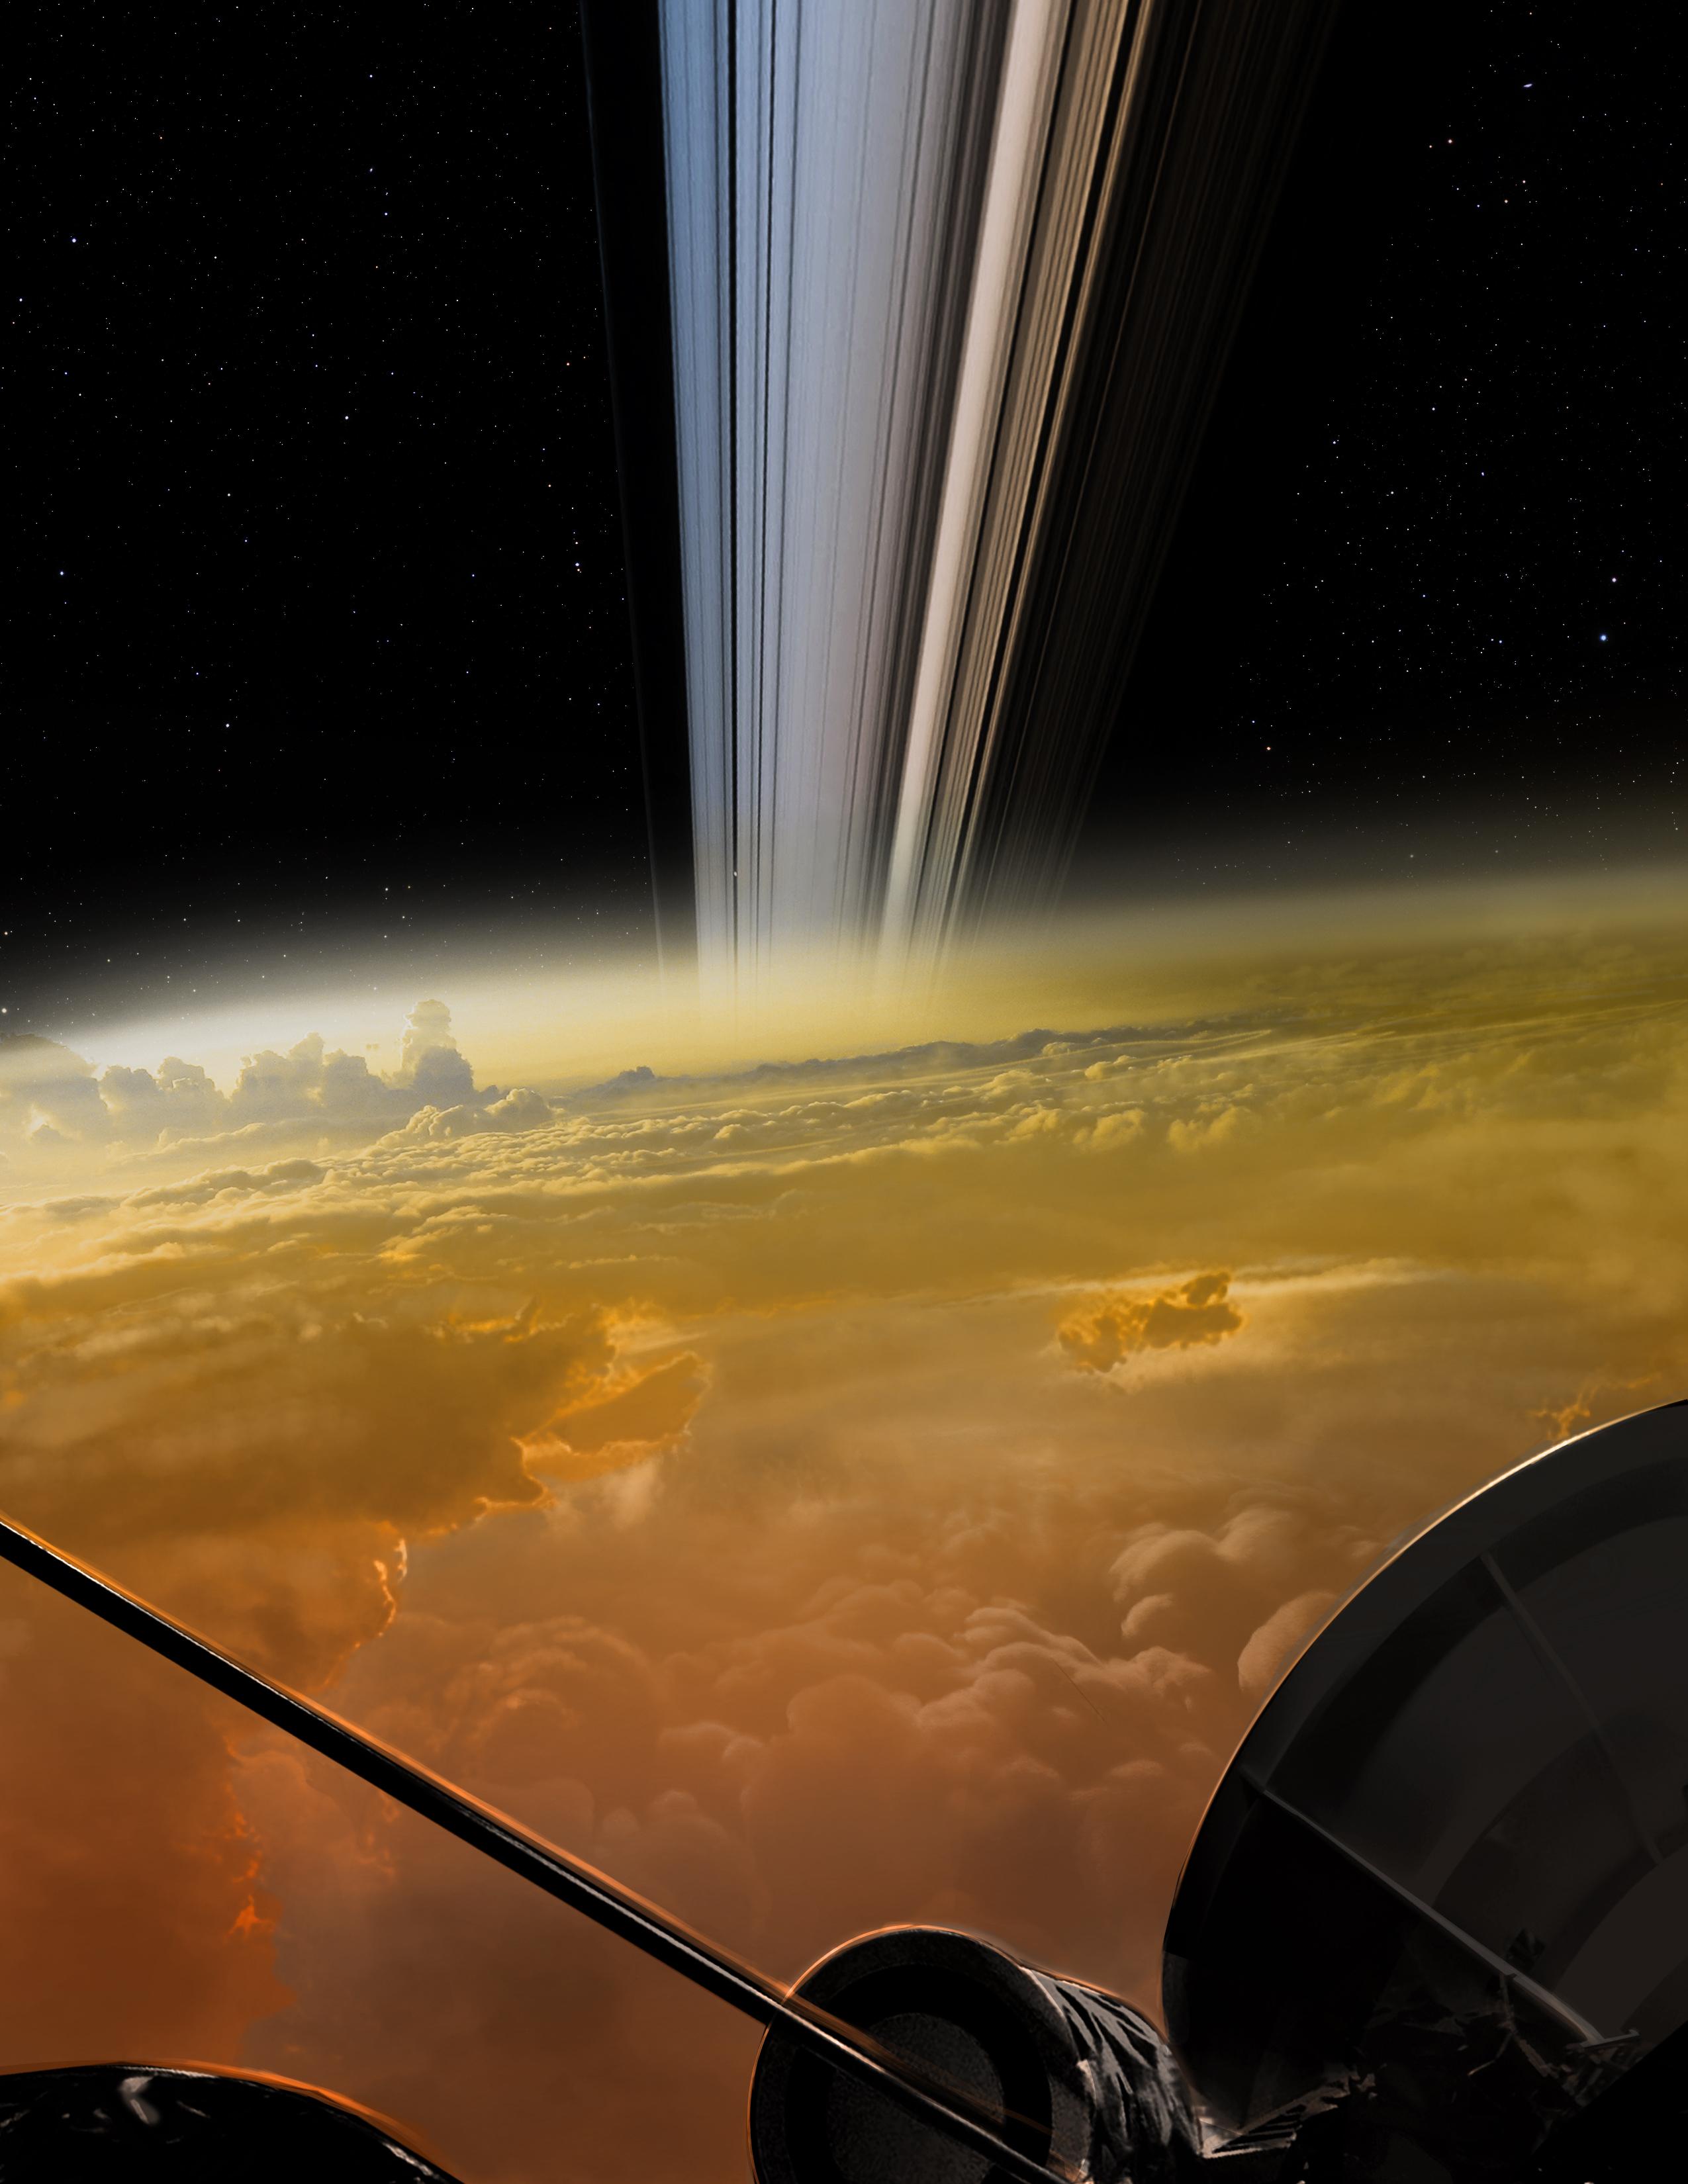 Cassini Grand Finale Concept